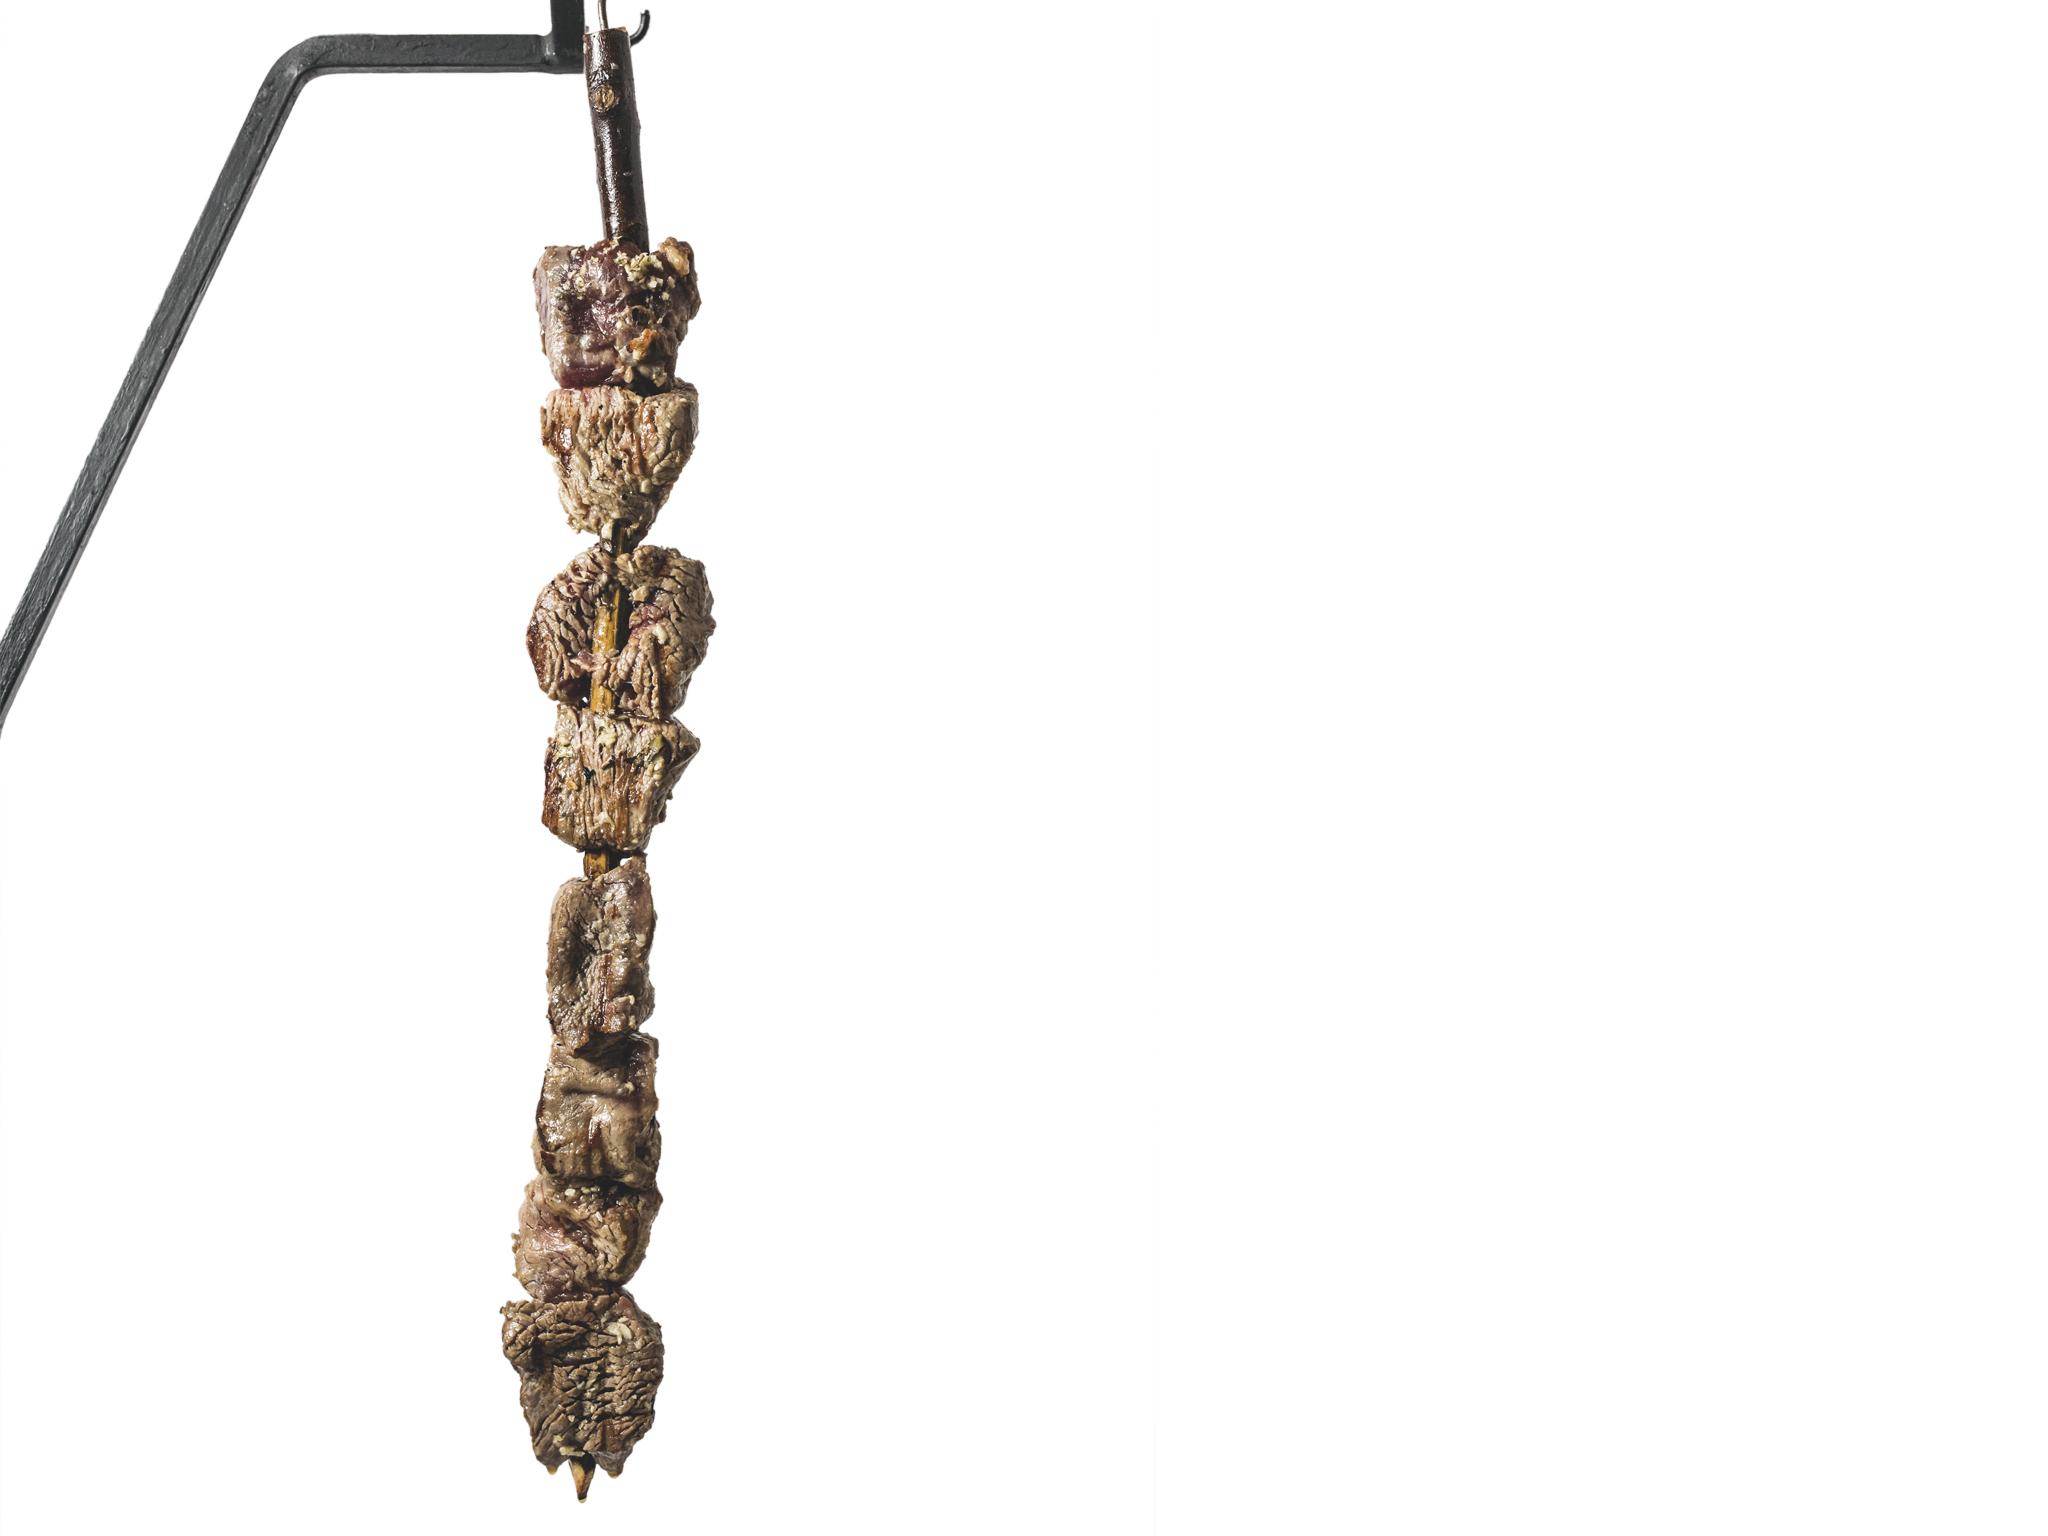 espetada de lombo em pau de louro, ilha da madeira, tema 526